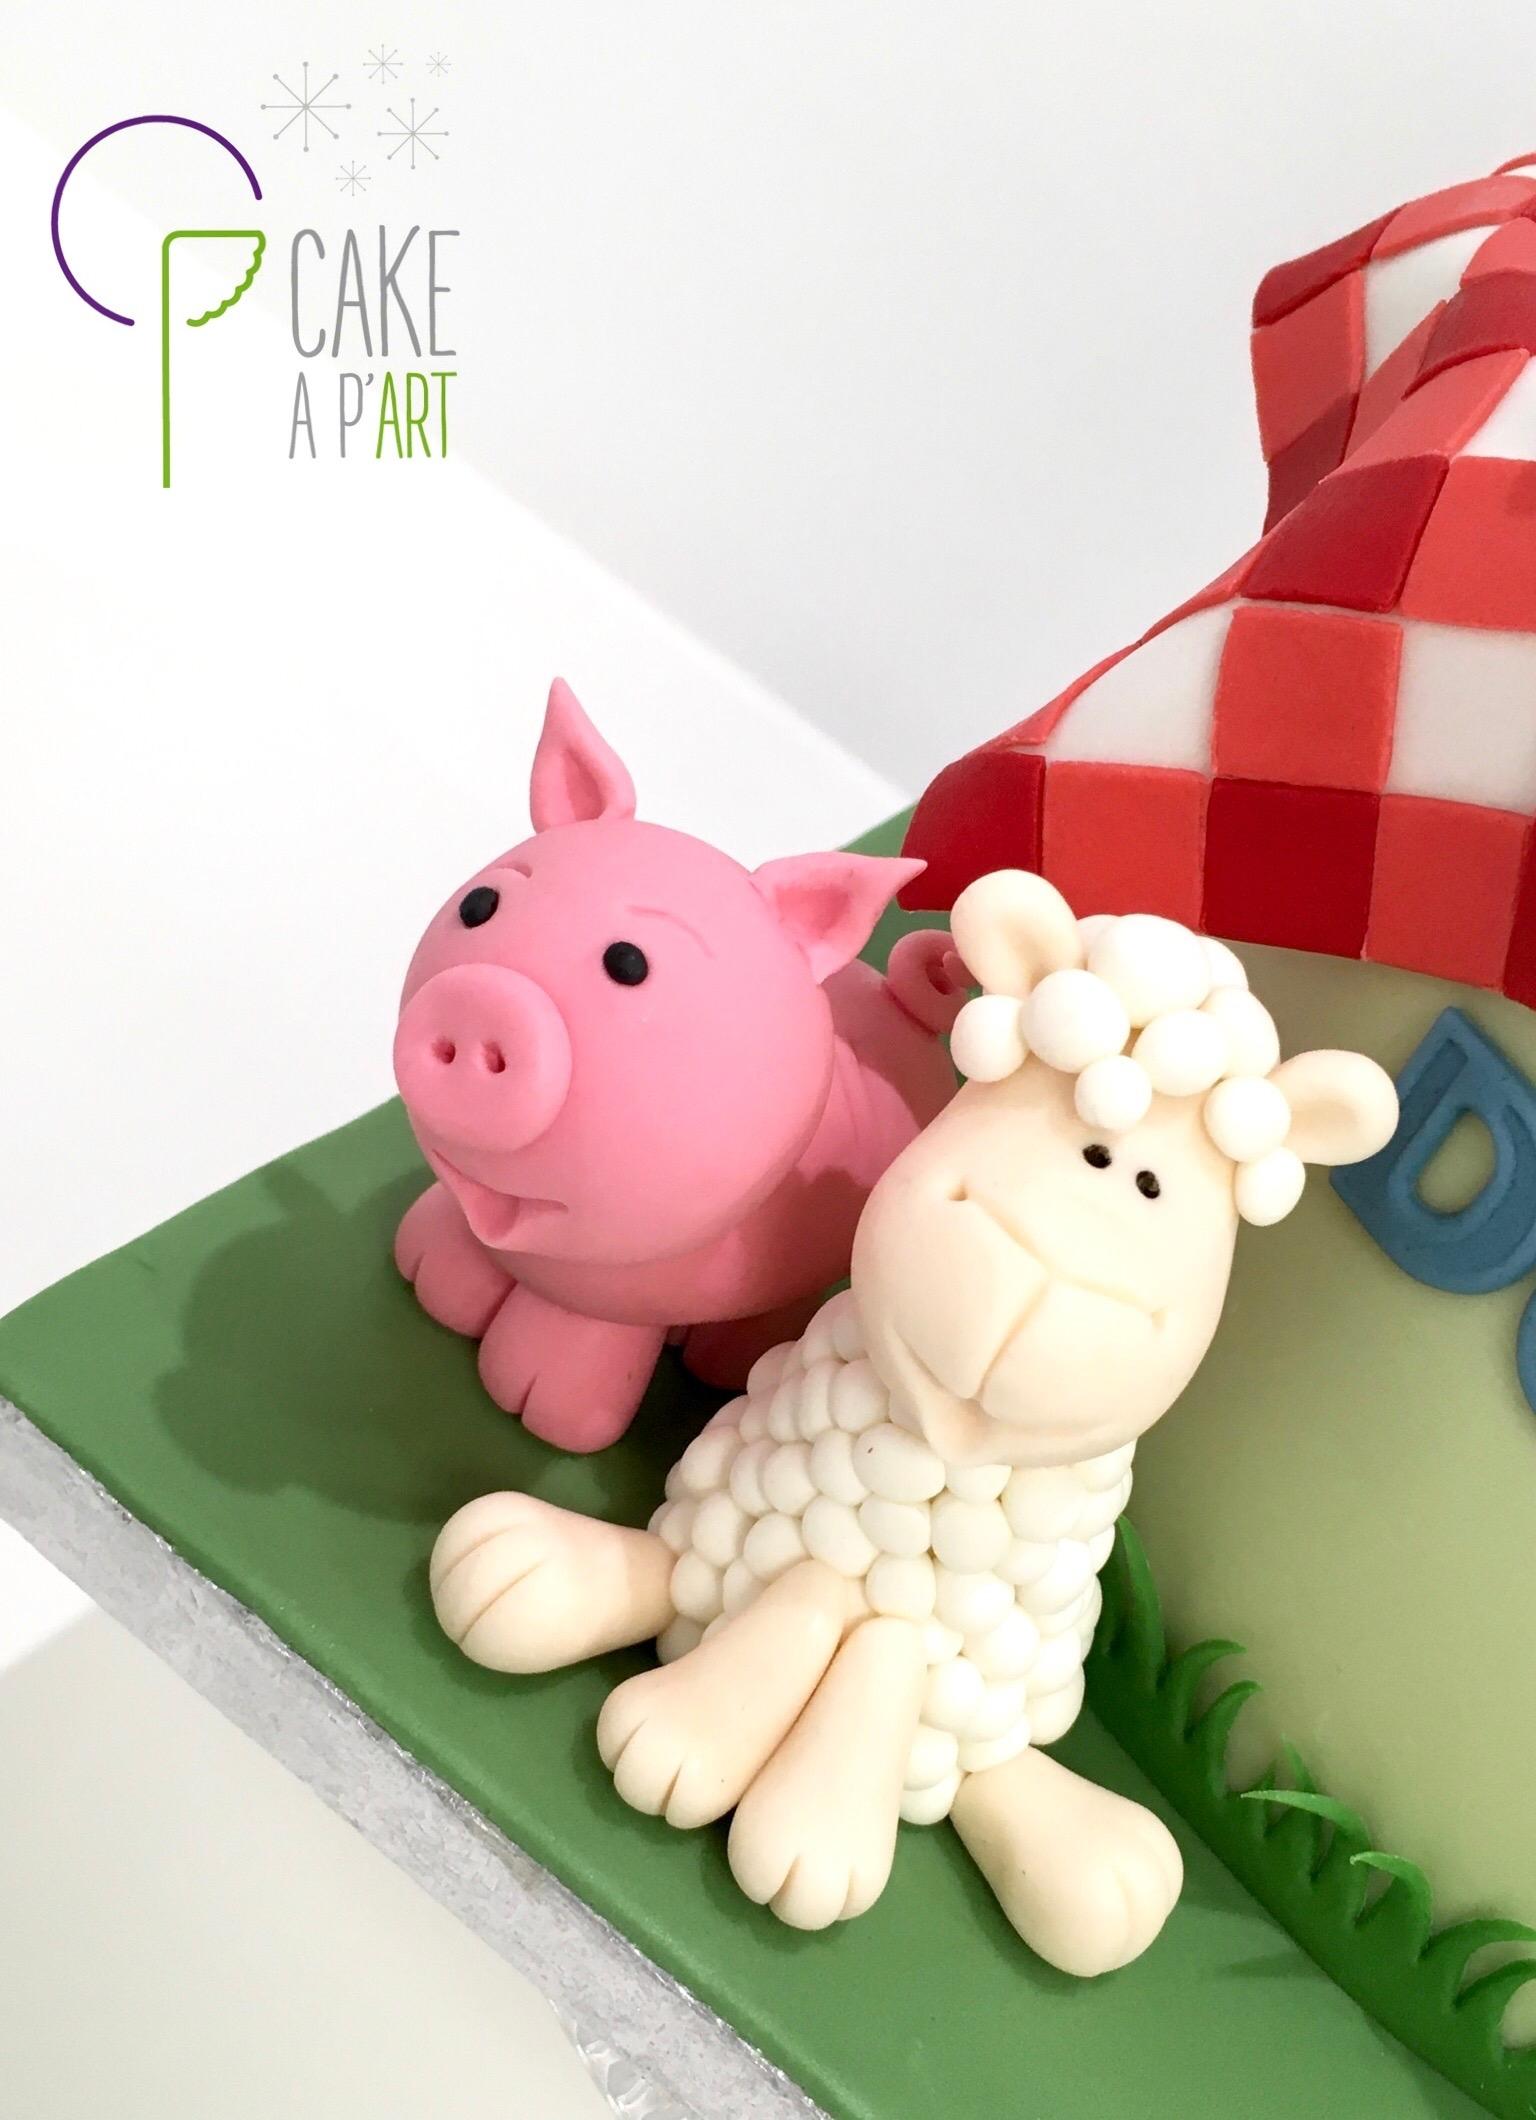 Décor modelage en sucre gâteaux personnalisés - Anniversaire Thème Ferme et animaux